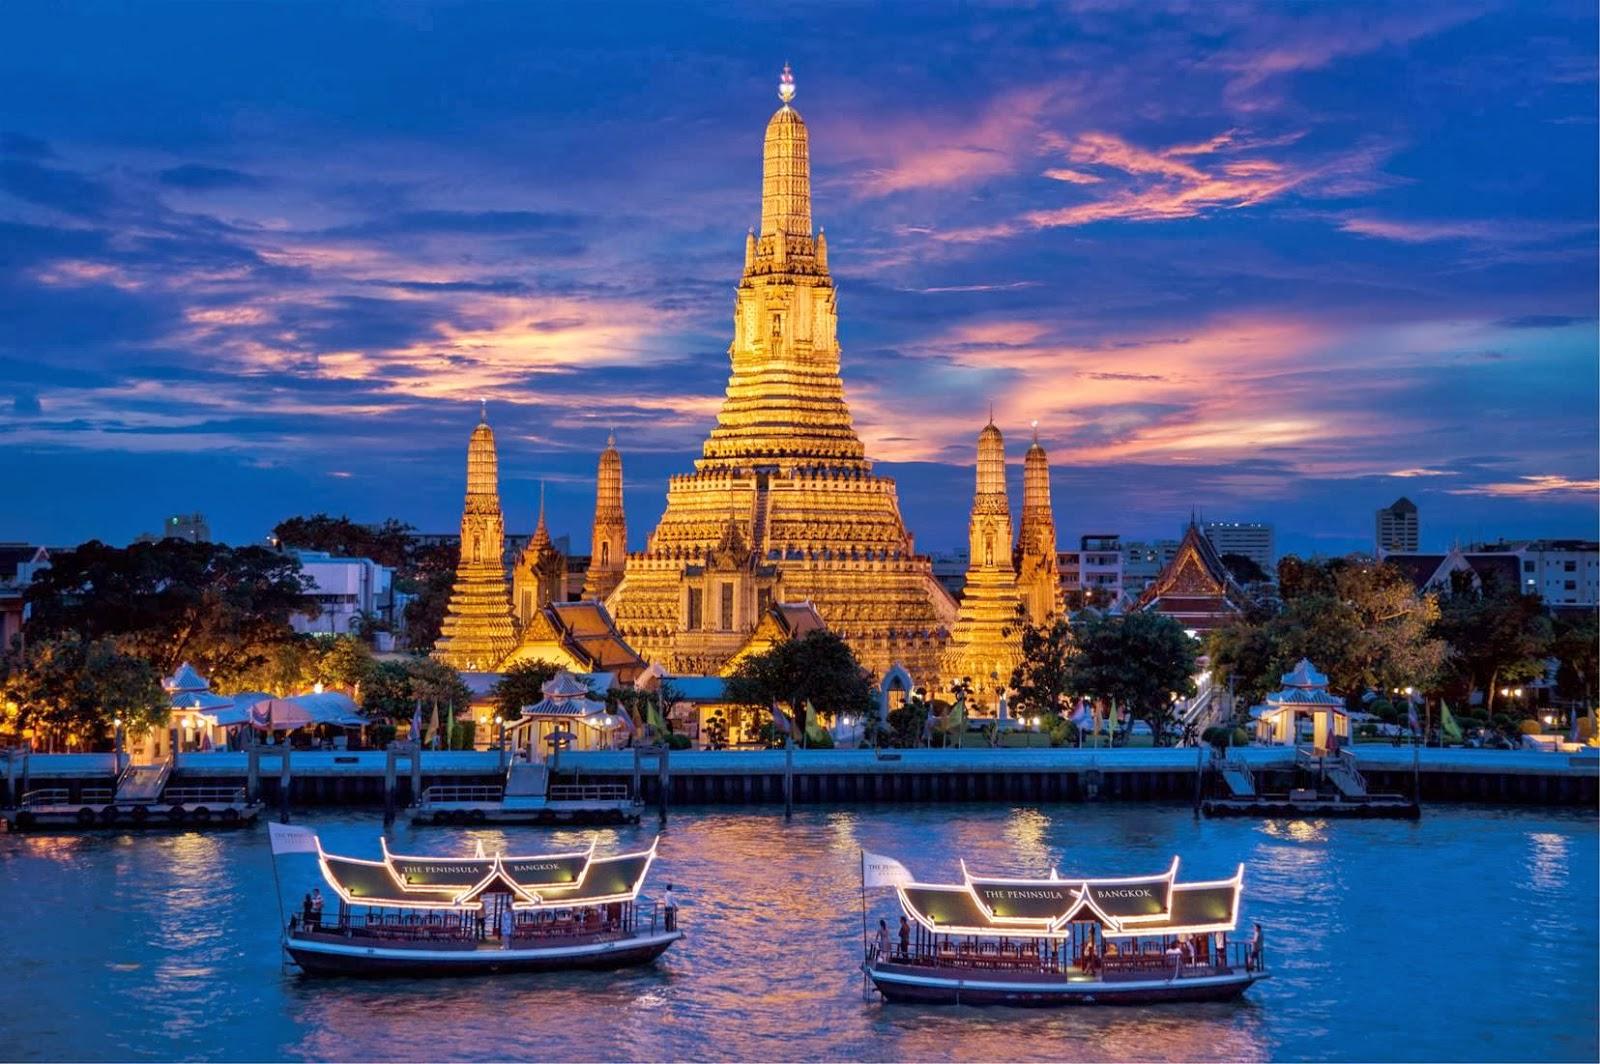 Promo Paket Tour Bangkok Pattaya 3 Hari 2 Malam Sentosa Wisata Negara Itinerary